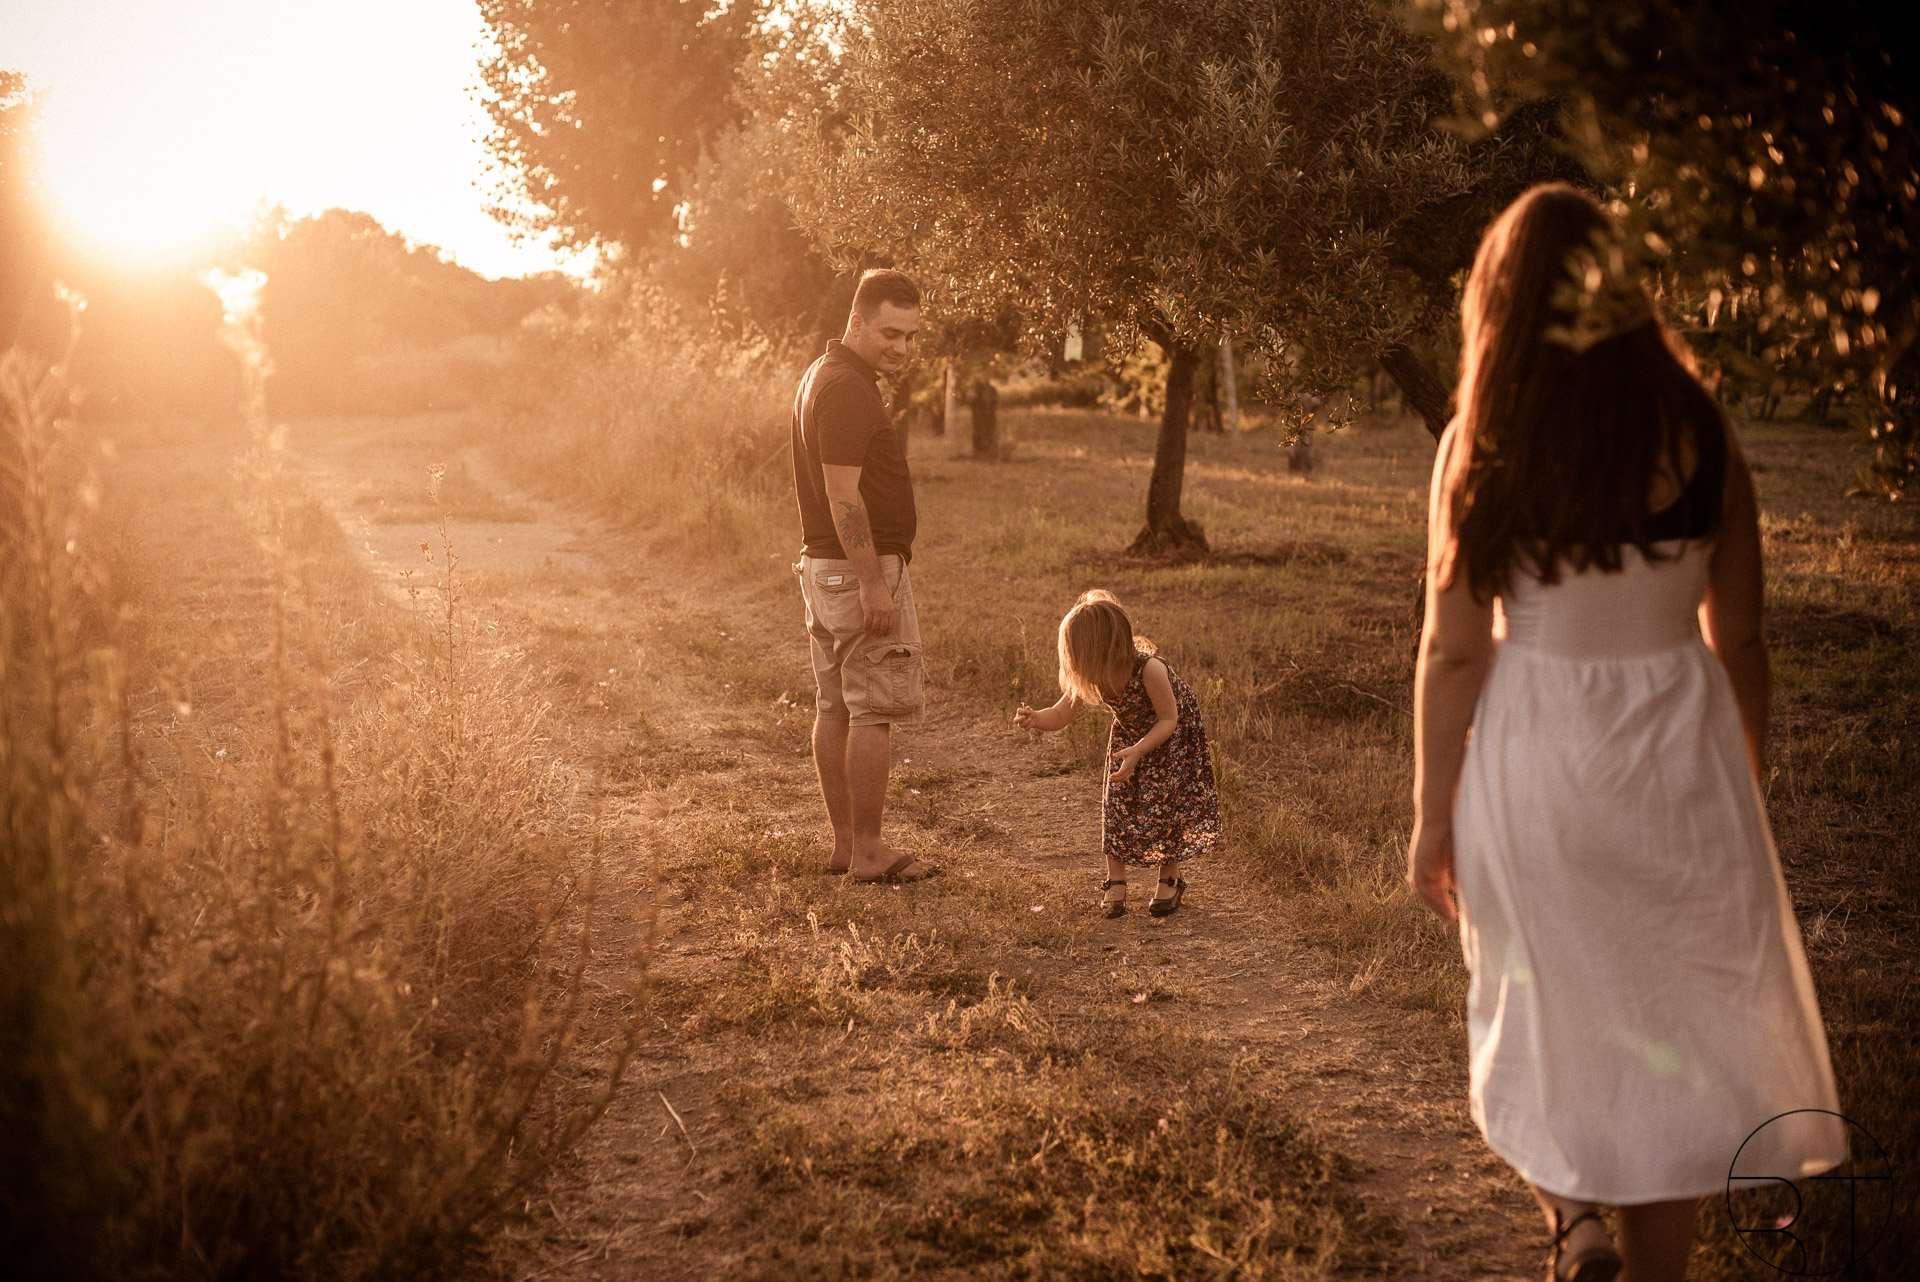 Fotografia famiglia al tramonto nel parco archeologico di Cuma realizzata da Barbara Trincone Fotografo specializzato ritratti di famiglia a Napoli, Salerno, Avellino, Caserta